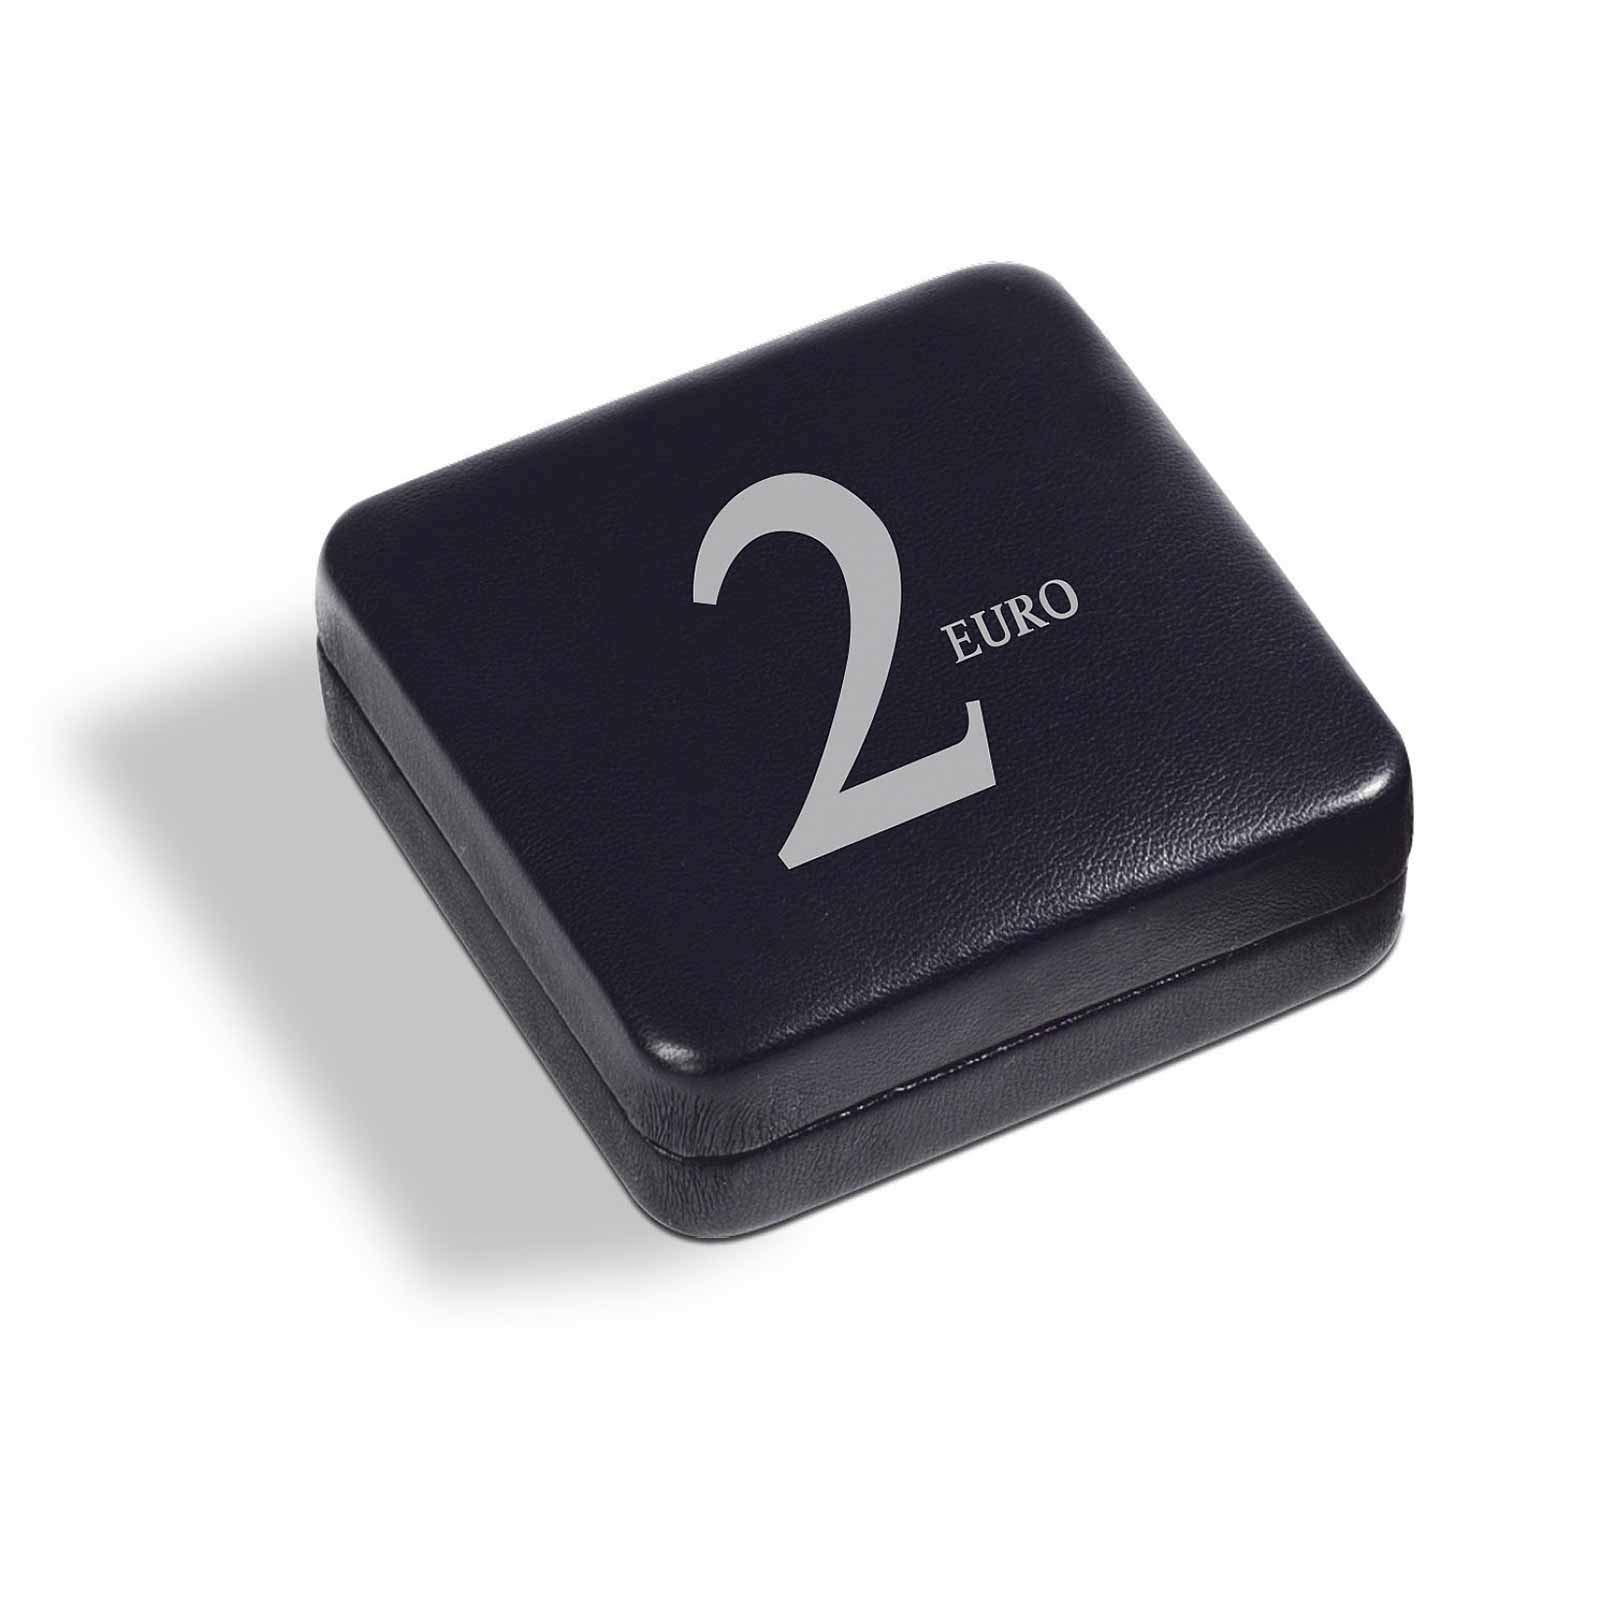 Estuche NOBILE para 1 Moneda de 2 Euros en cápsula, Negro: Amazon.es: Juguetes y juegos